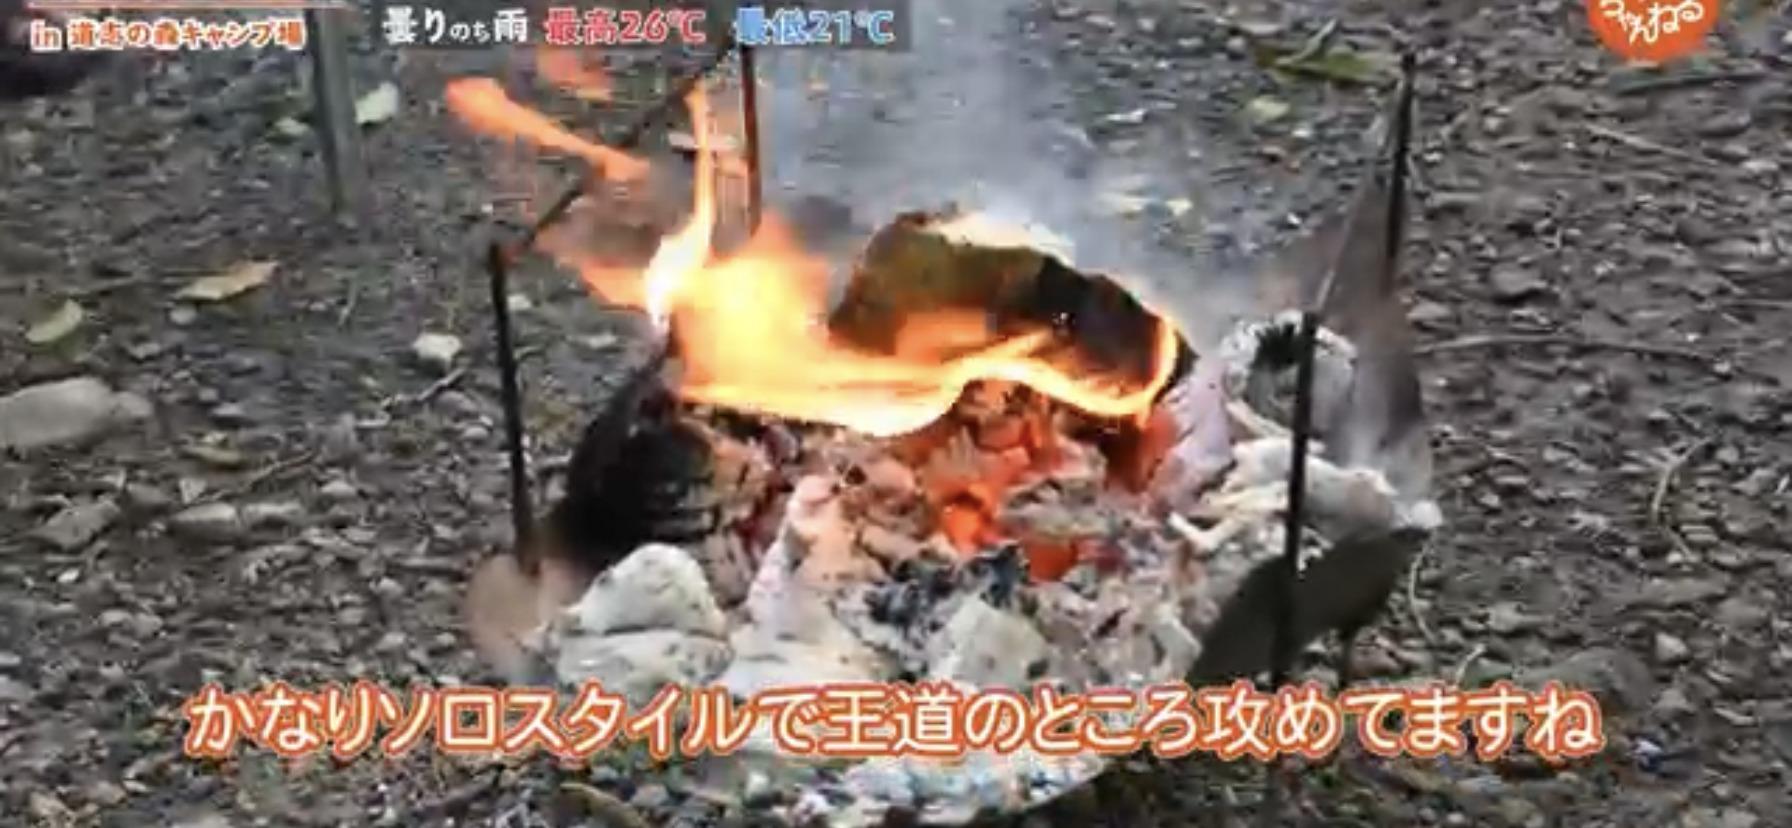 焚き火台:【ピコグリル】焚き火台